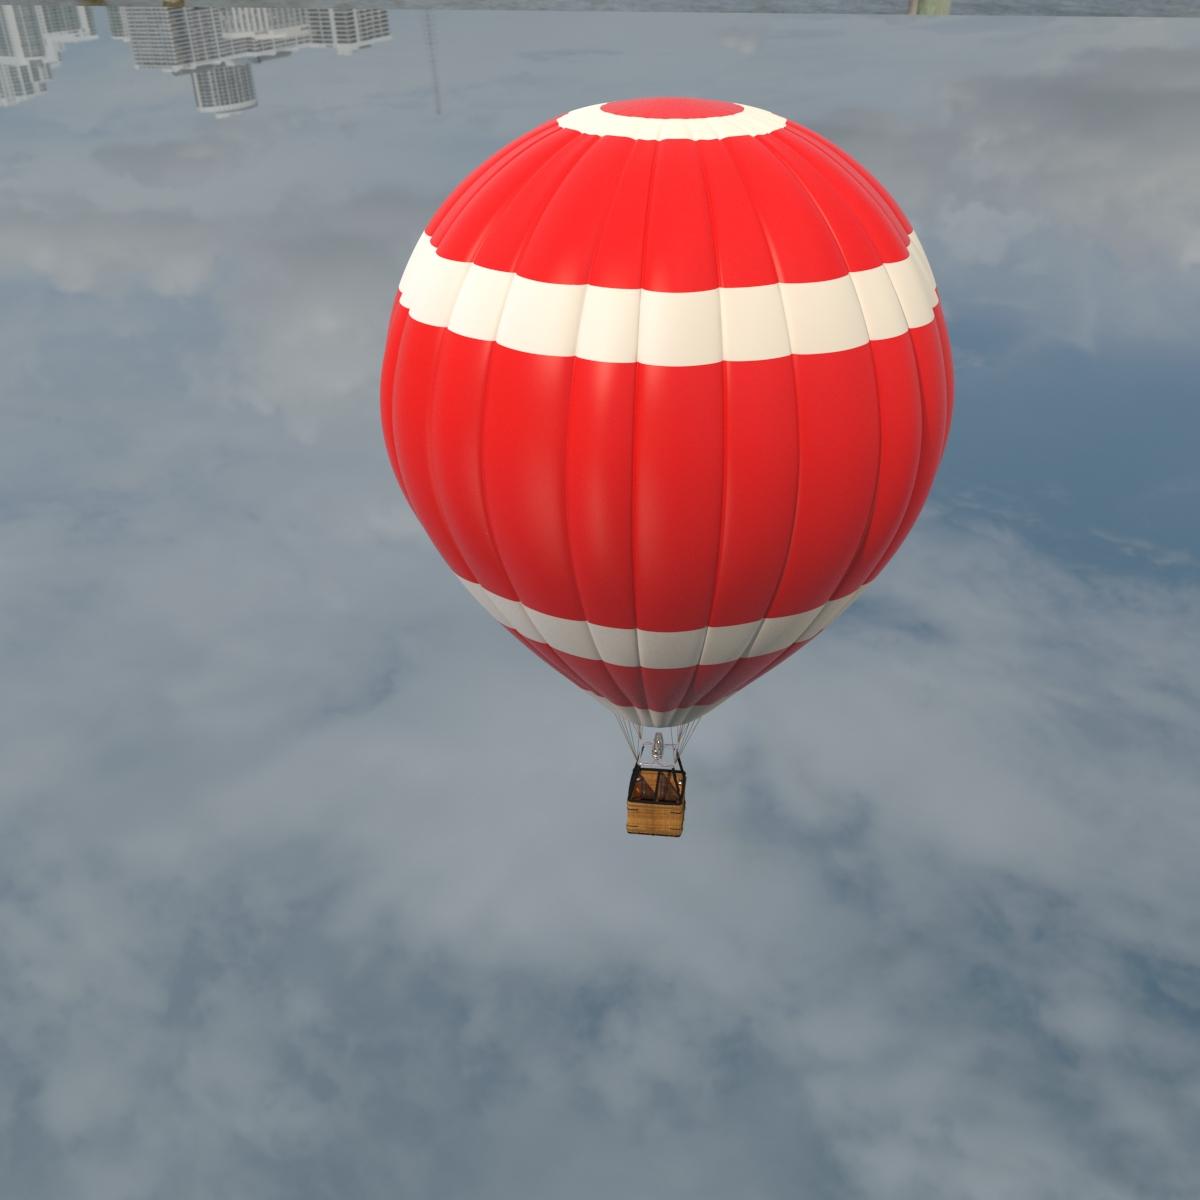 ... Balloon_hot_air_0011.jpg Balloon_hot_air_0014.jpg  Balloon_hot_air_0016.jpg Balloon_hot_air_0017.jpg e.jpg edge.png edge1.png  i.jpg q.jpg t.jpg w.jpg y. ...